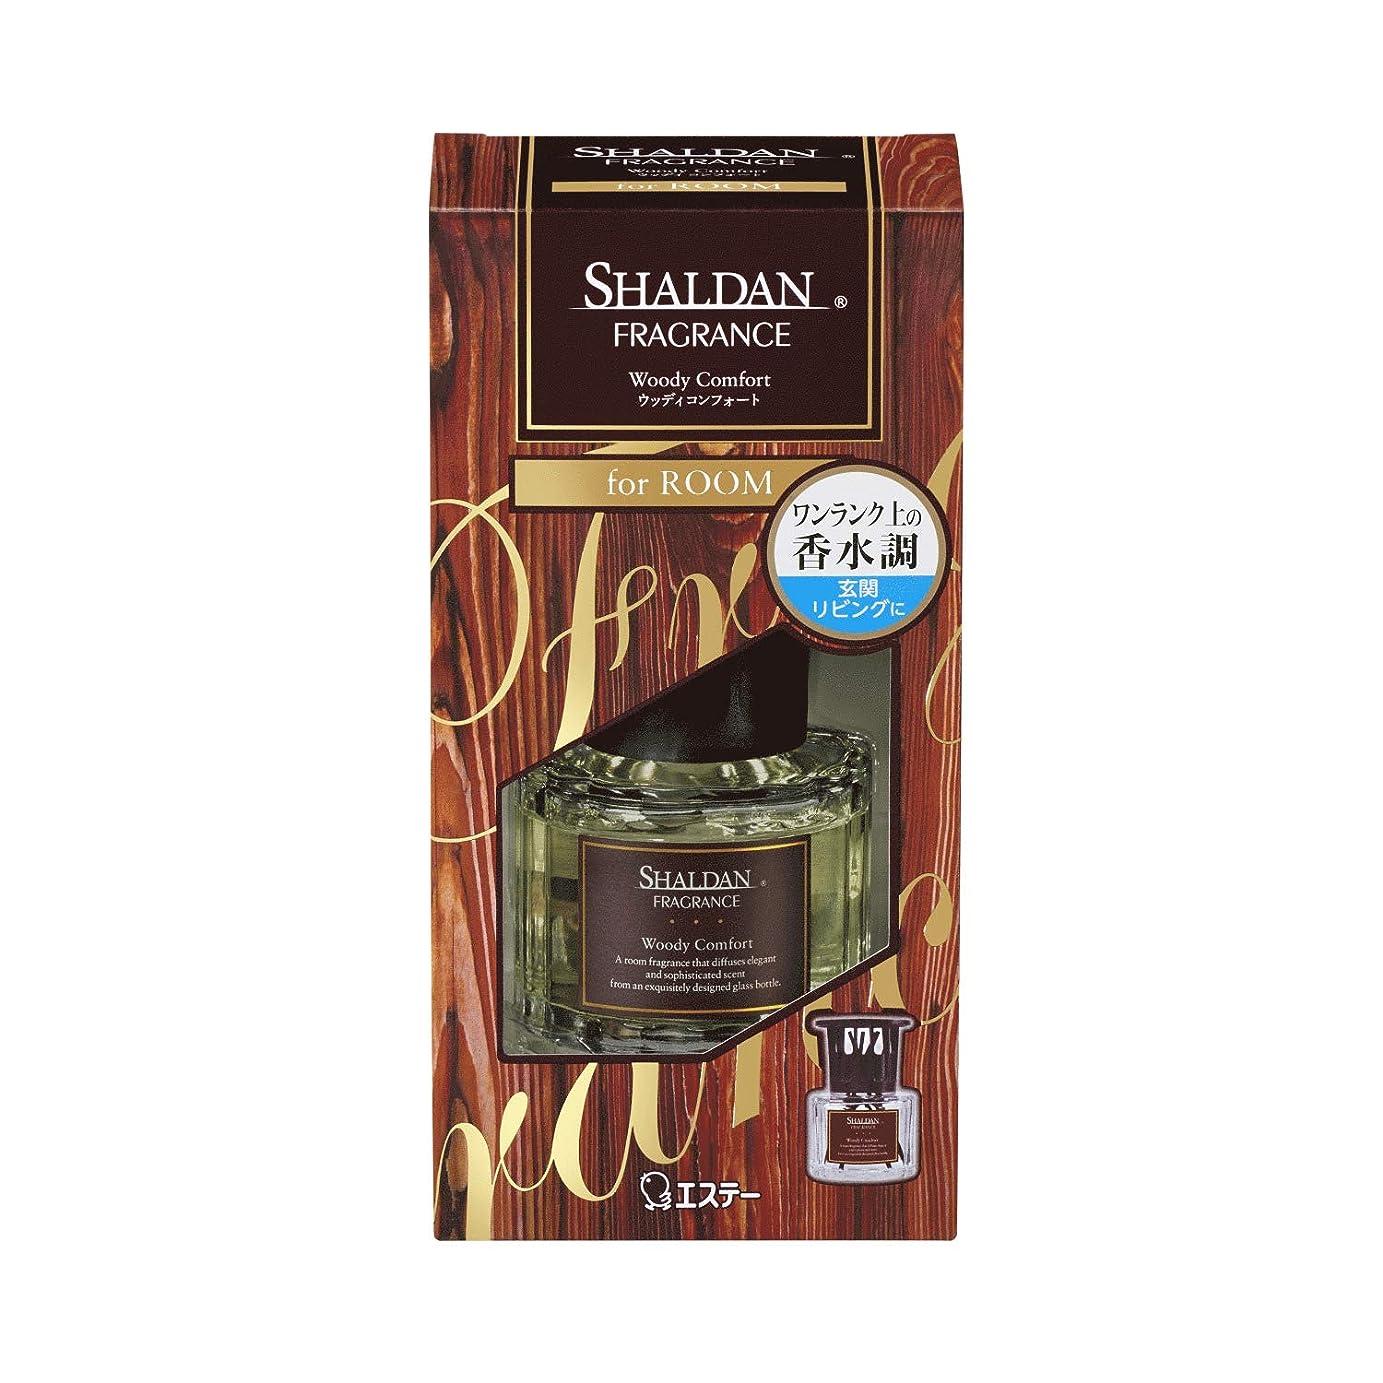 高度な急流精査するシャルダン SHALDAN フレグランス for ROOM 芳香剤 部屋用 本体 ウッディコンフォート 65mL